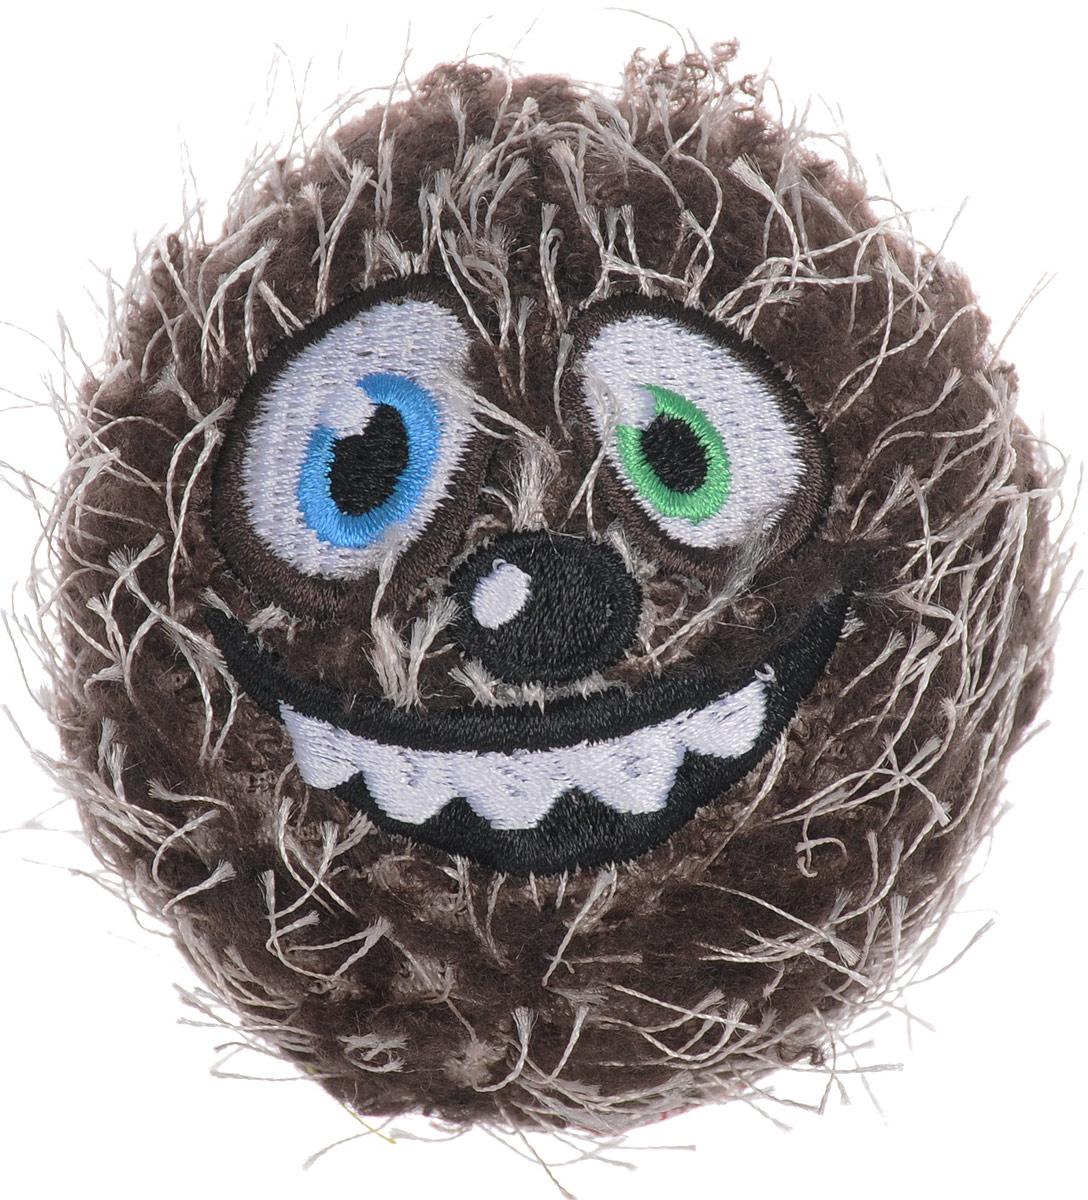 Игрушка для собак GiGwi Мяч, с пищалкой, диаметр 7 см. 75343 игрушка для собак gigwi мячи с пищалкой диаметр 8 см 3 шт